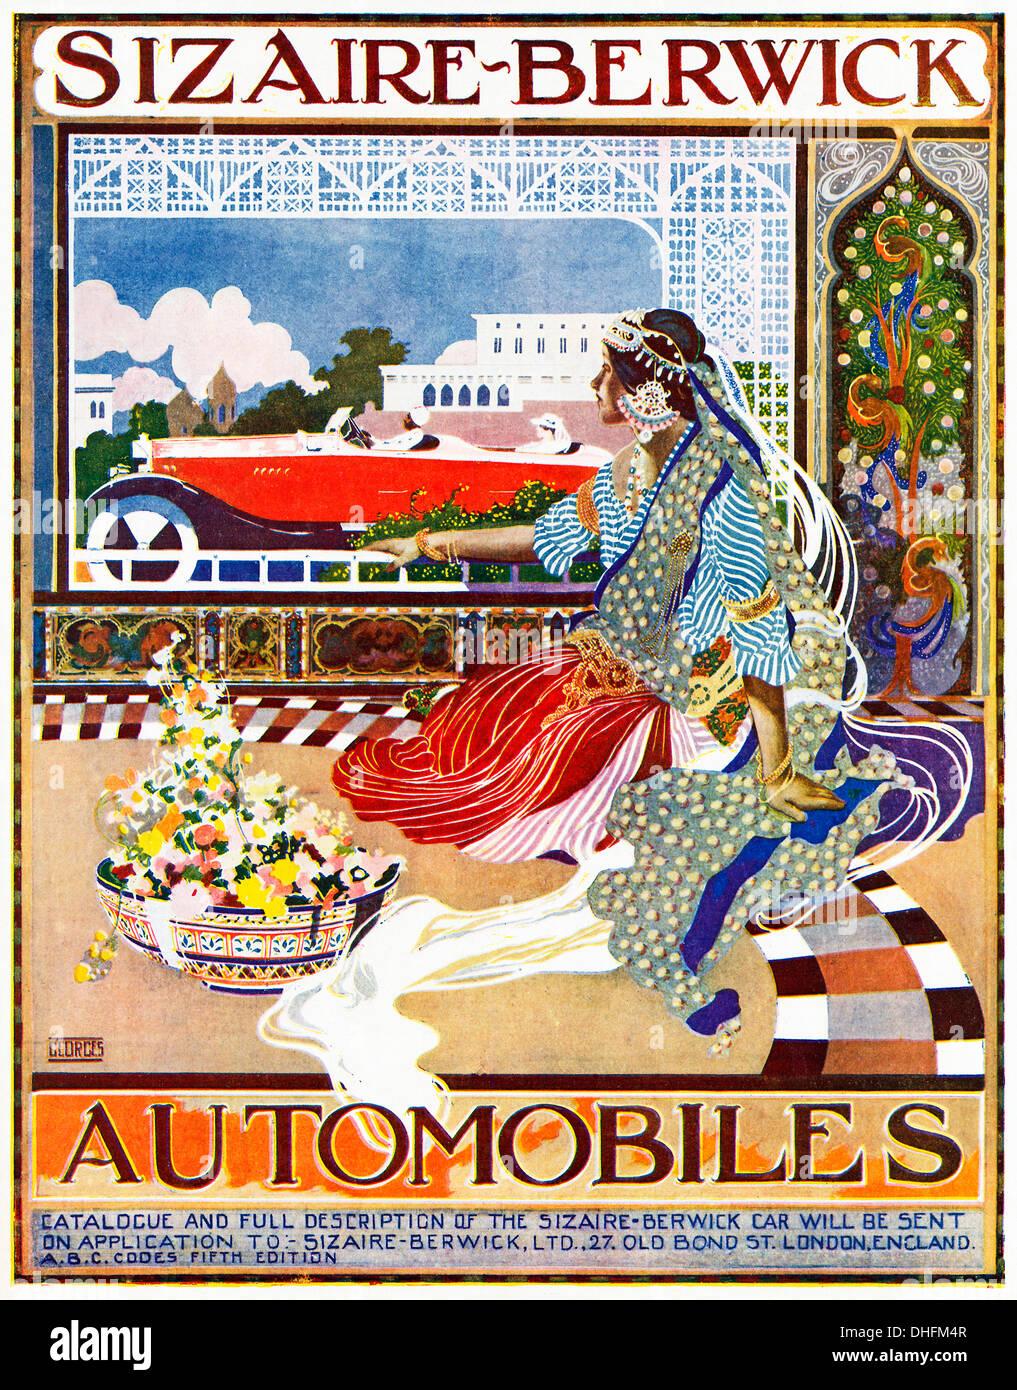 Automobiles Sizaire Berwick, 1919 petite annonce pour le britannique de voitures dans un magazine indien, une princesse montres un disque passé avec l'memsahib Photo Stock